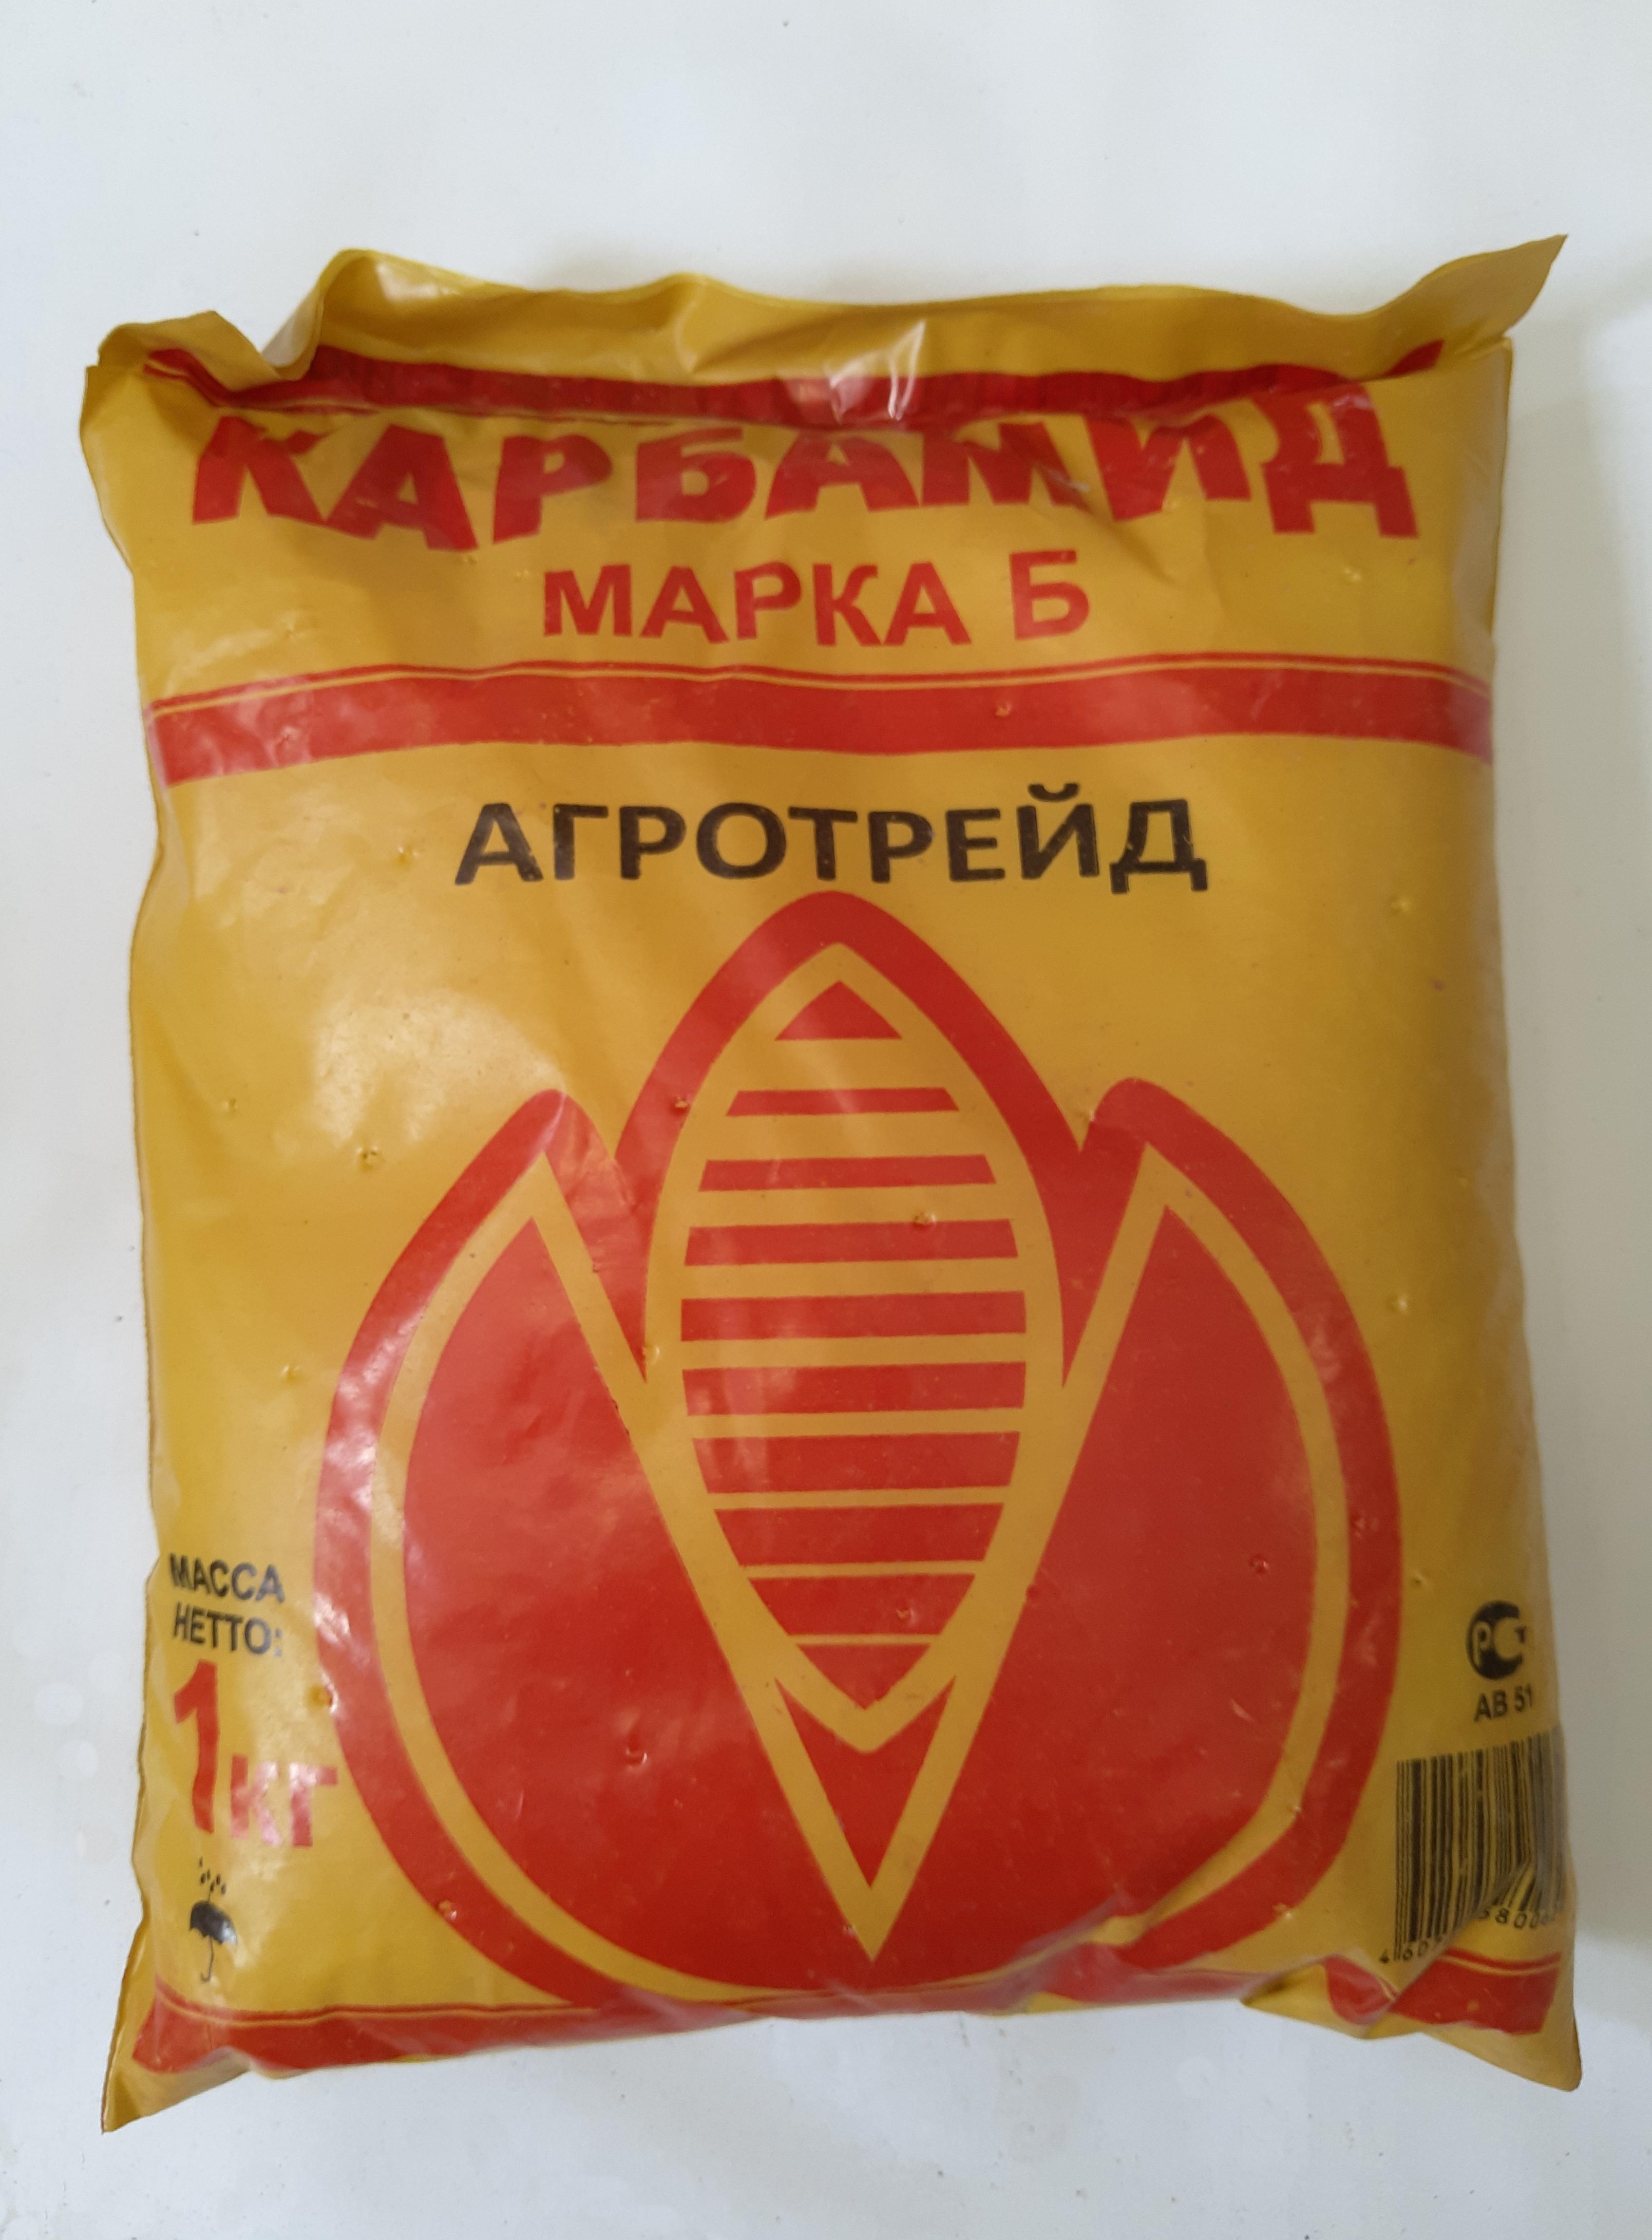 Карбамид, марка Б